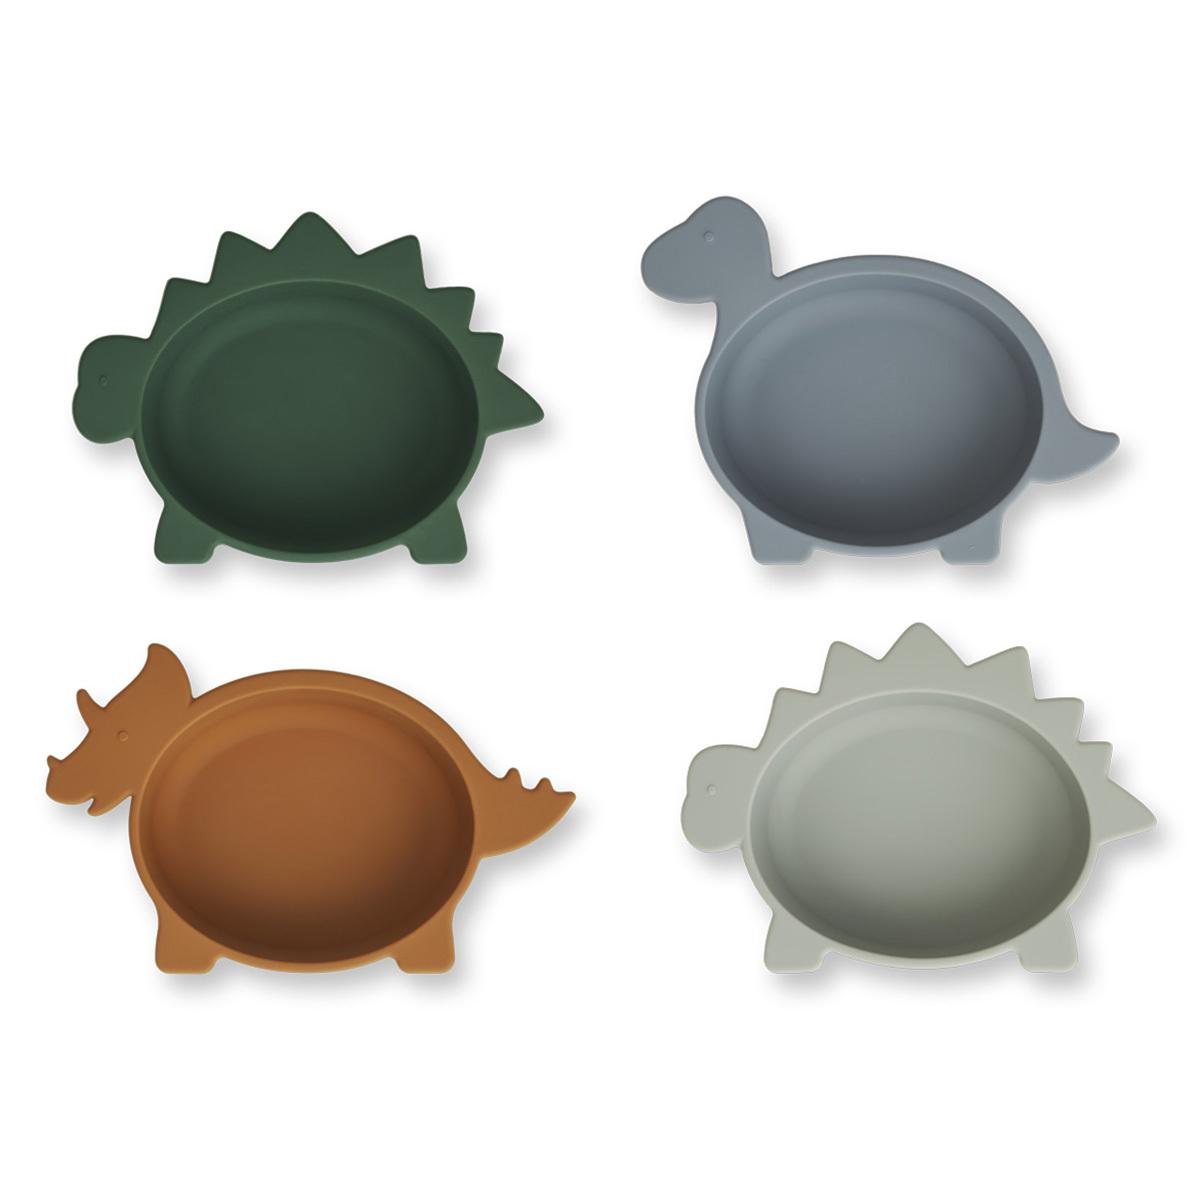 Vaisselle & Couvert Lot de 4 Bols en Silicone Iggy - Dino Blue Multi Mix Lot de 4 Bols en Silicone Iggy - Dino Blue Multi Mix